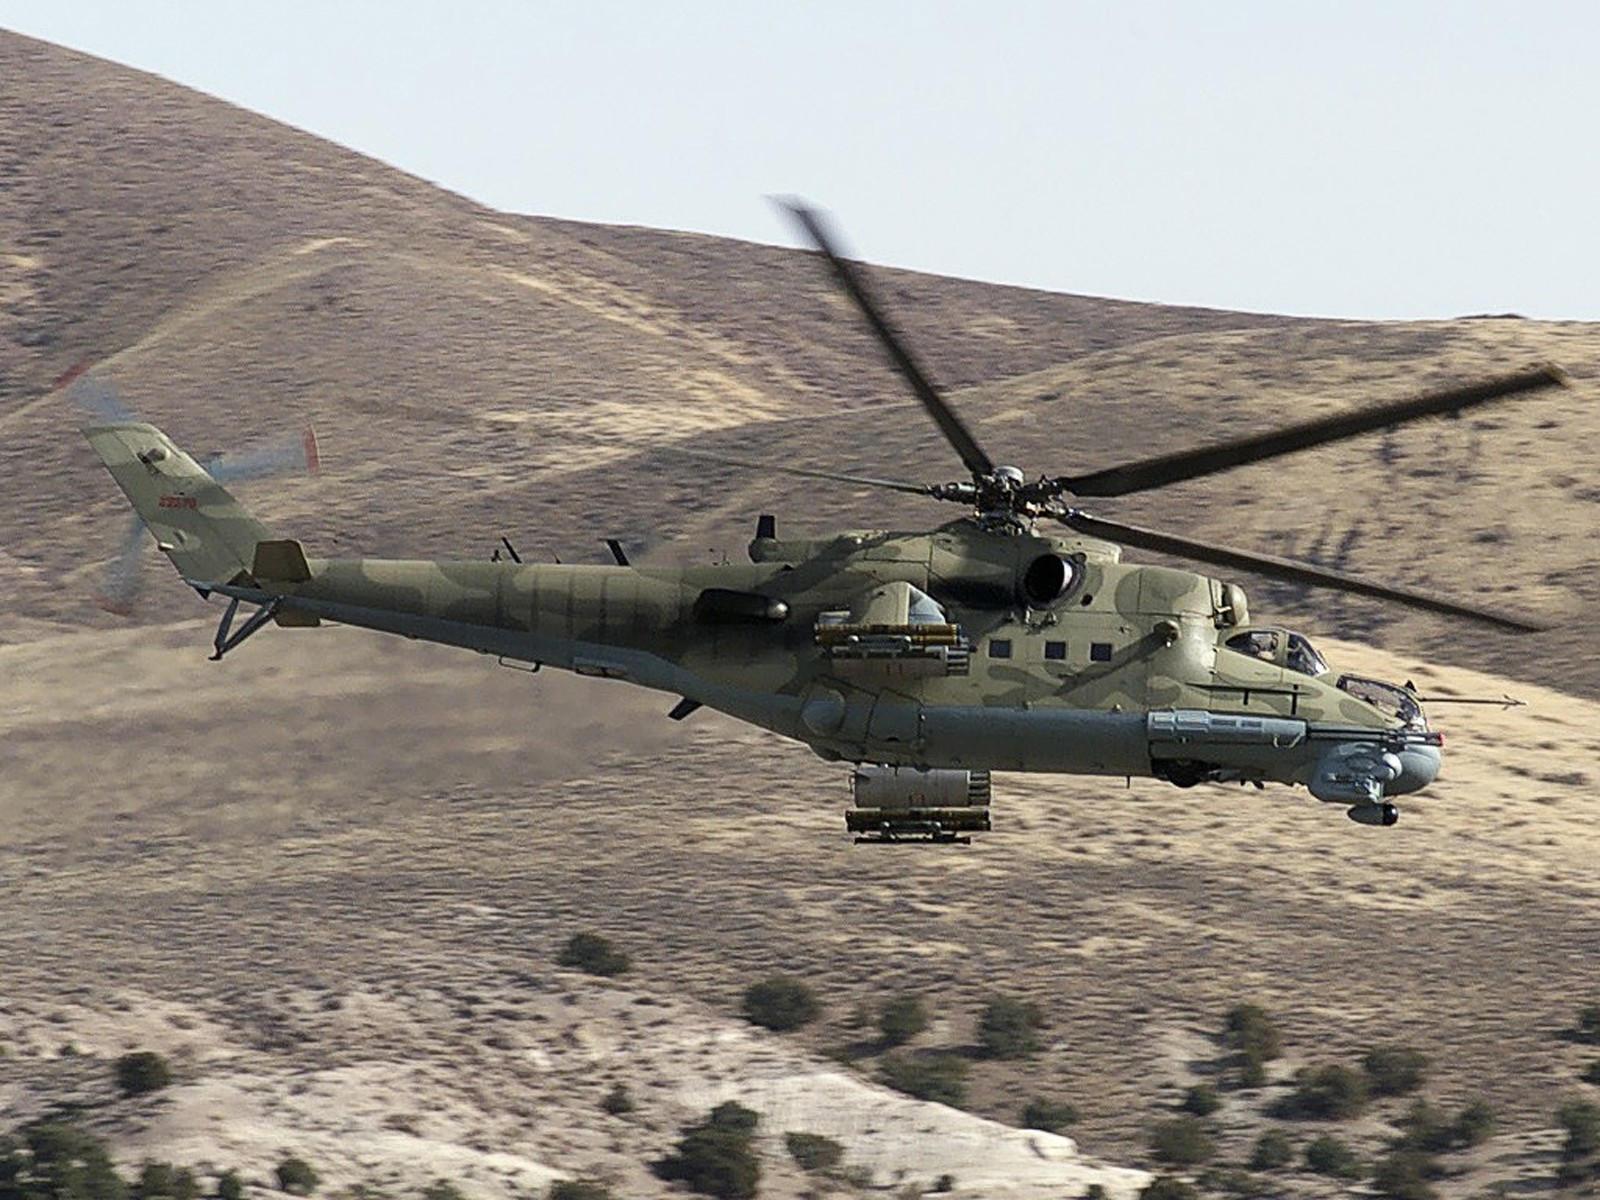 Вертолет Ми-24 в горах